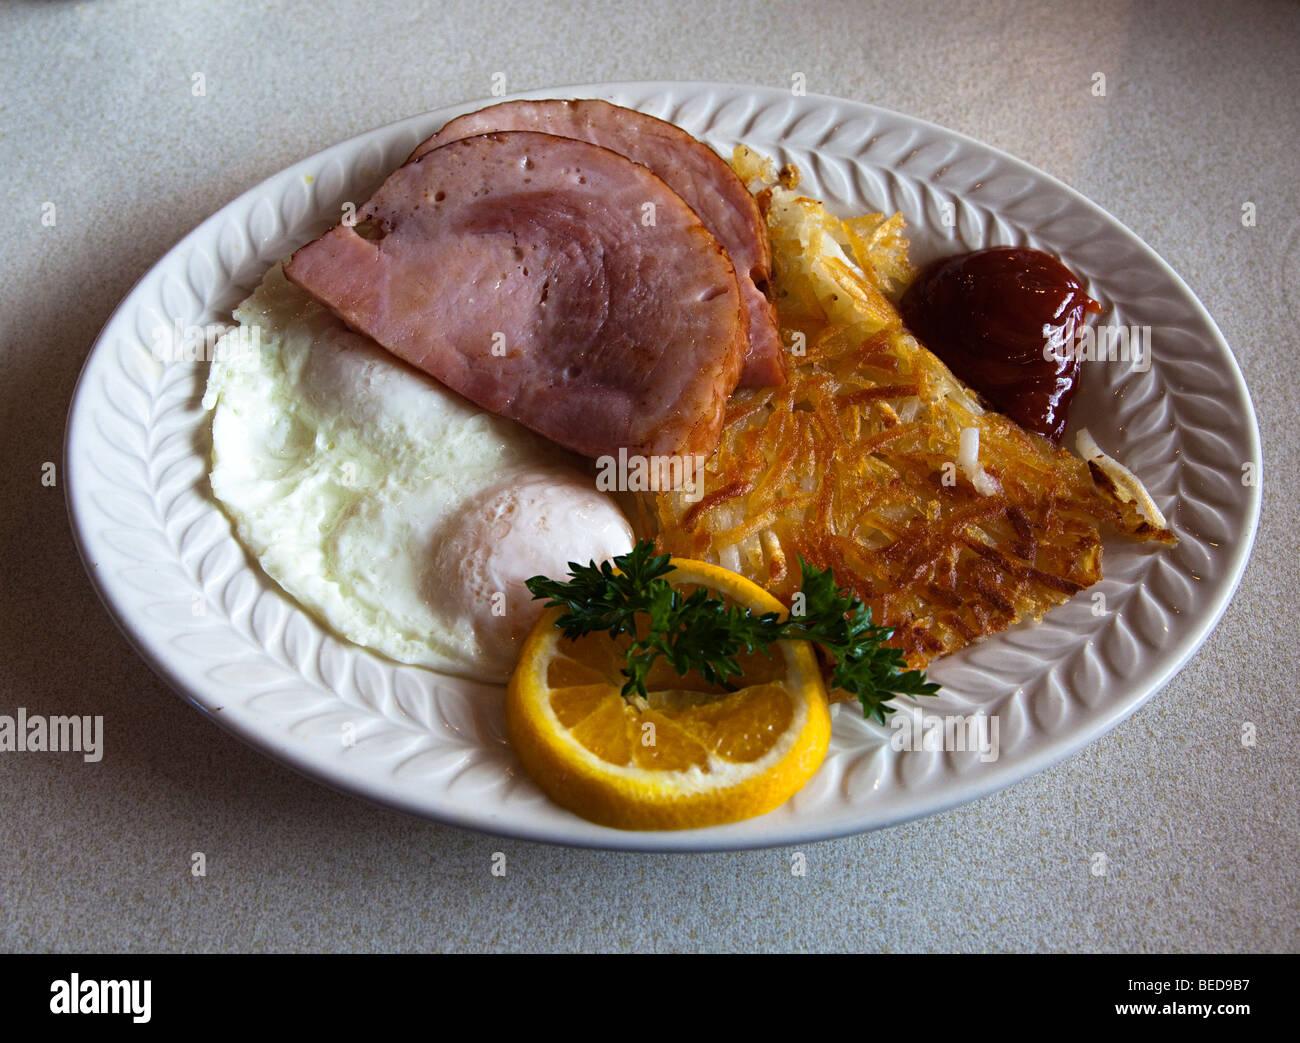 La prima colazione nel ristorante con uovo fritto hash prosciutto marrone arancione e ketchup USA Immagini Stock